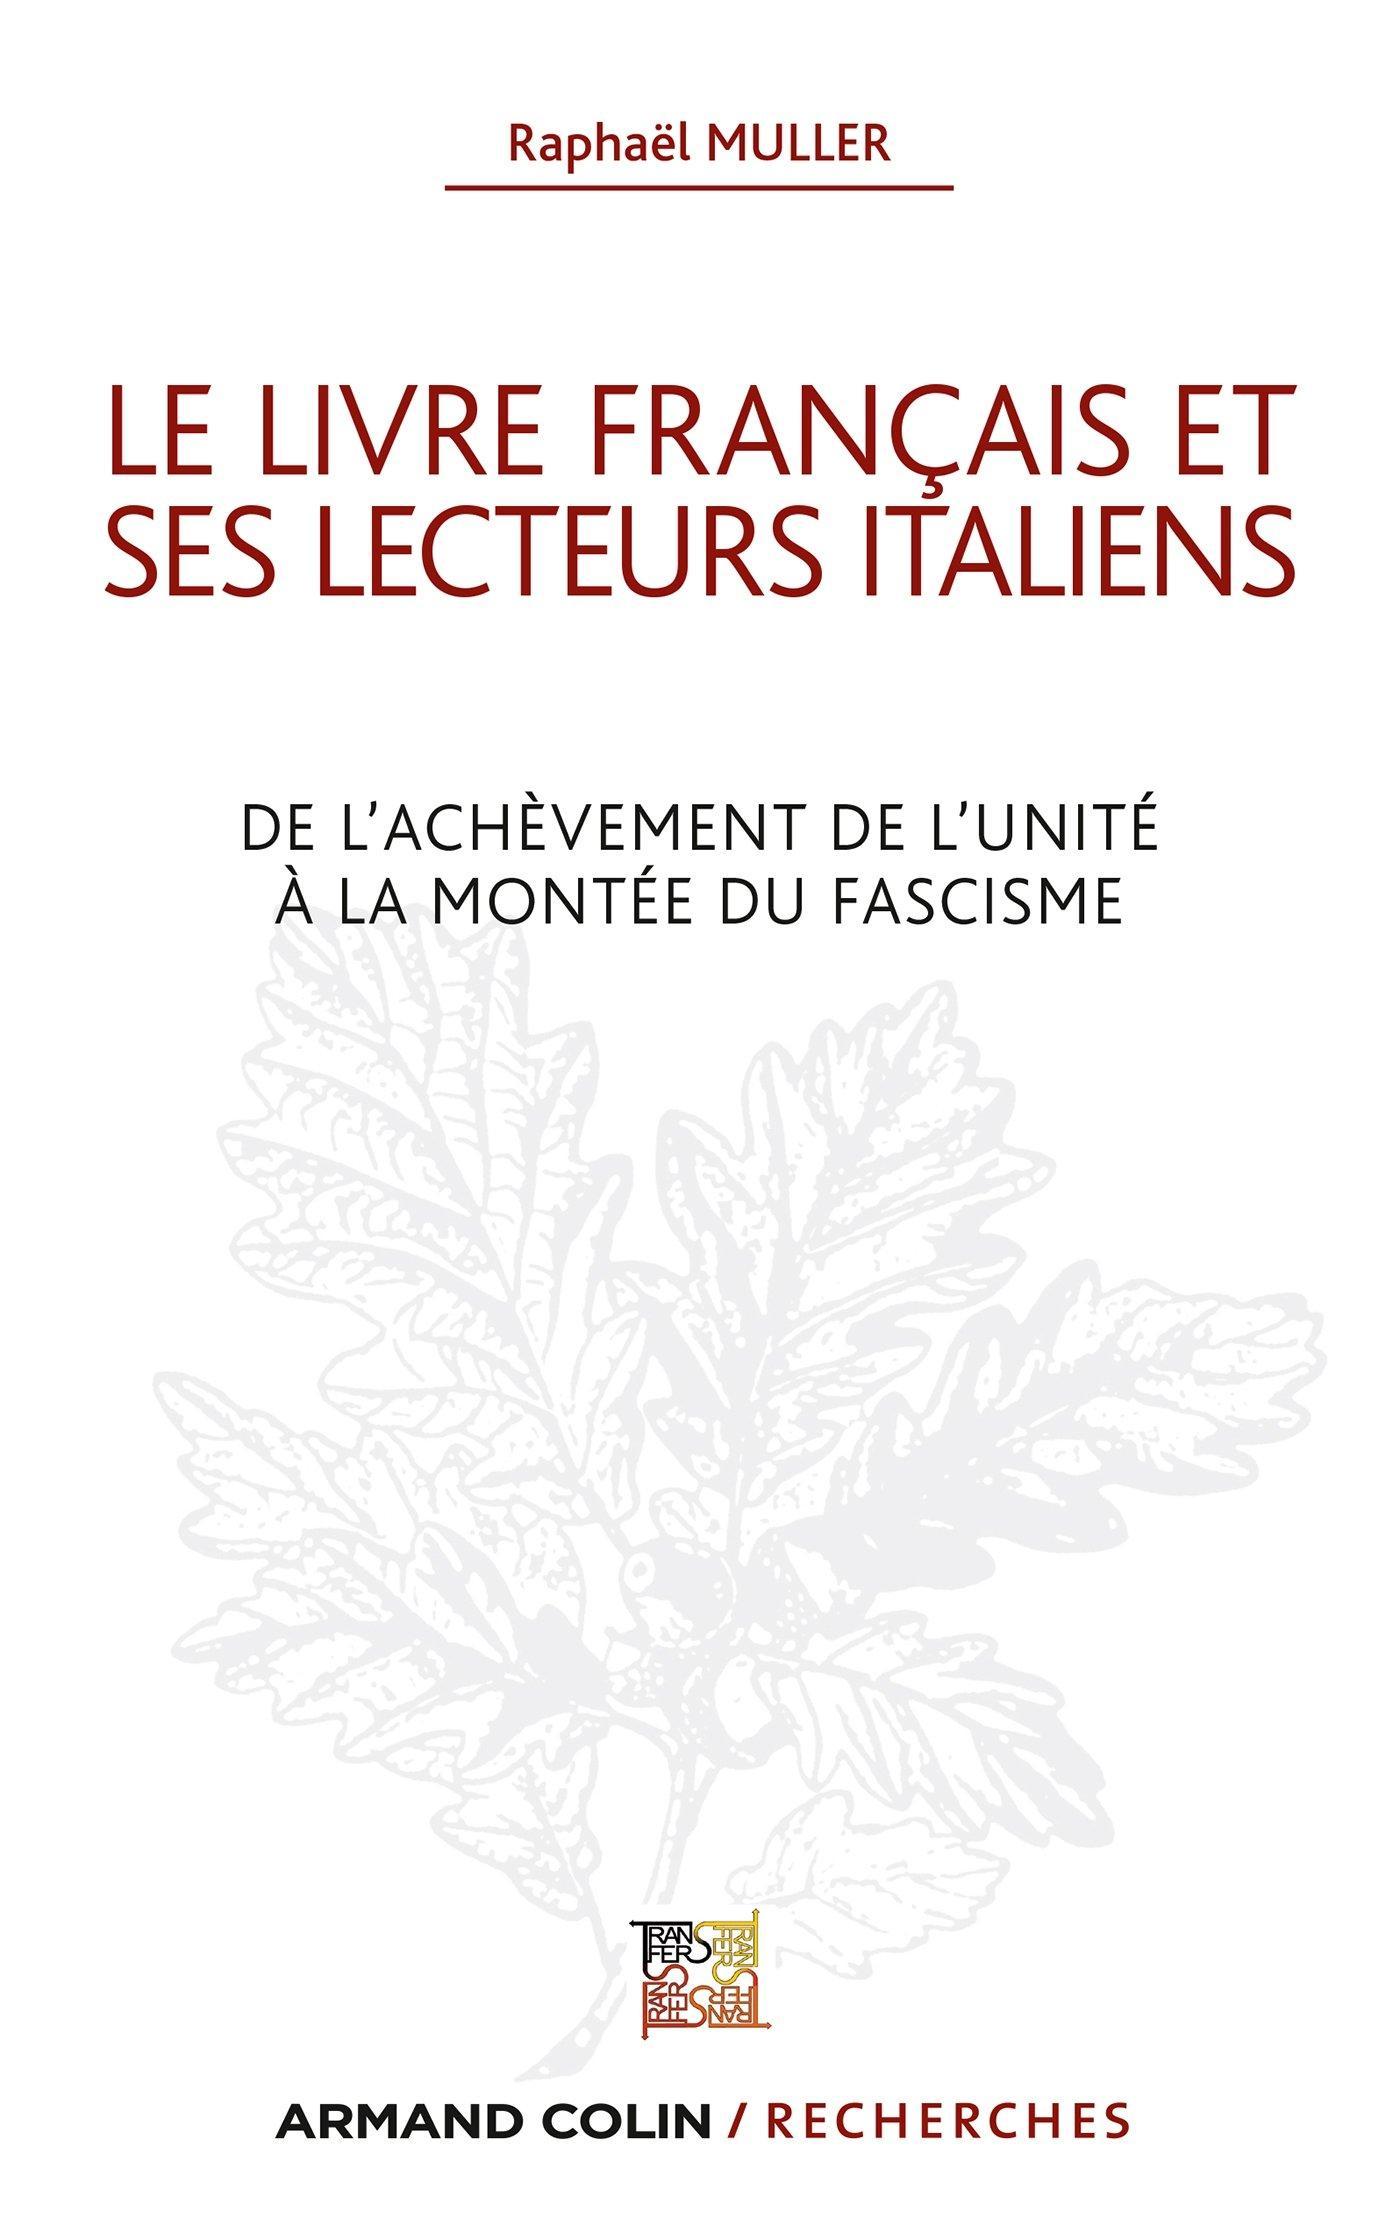 3 Le Livre Francais Dans Les Bibliotheques Italiennes Un